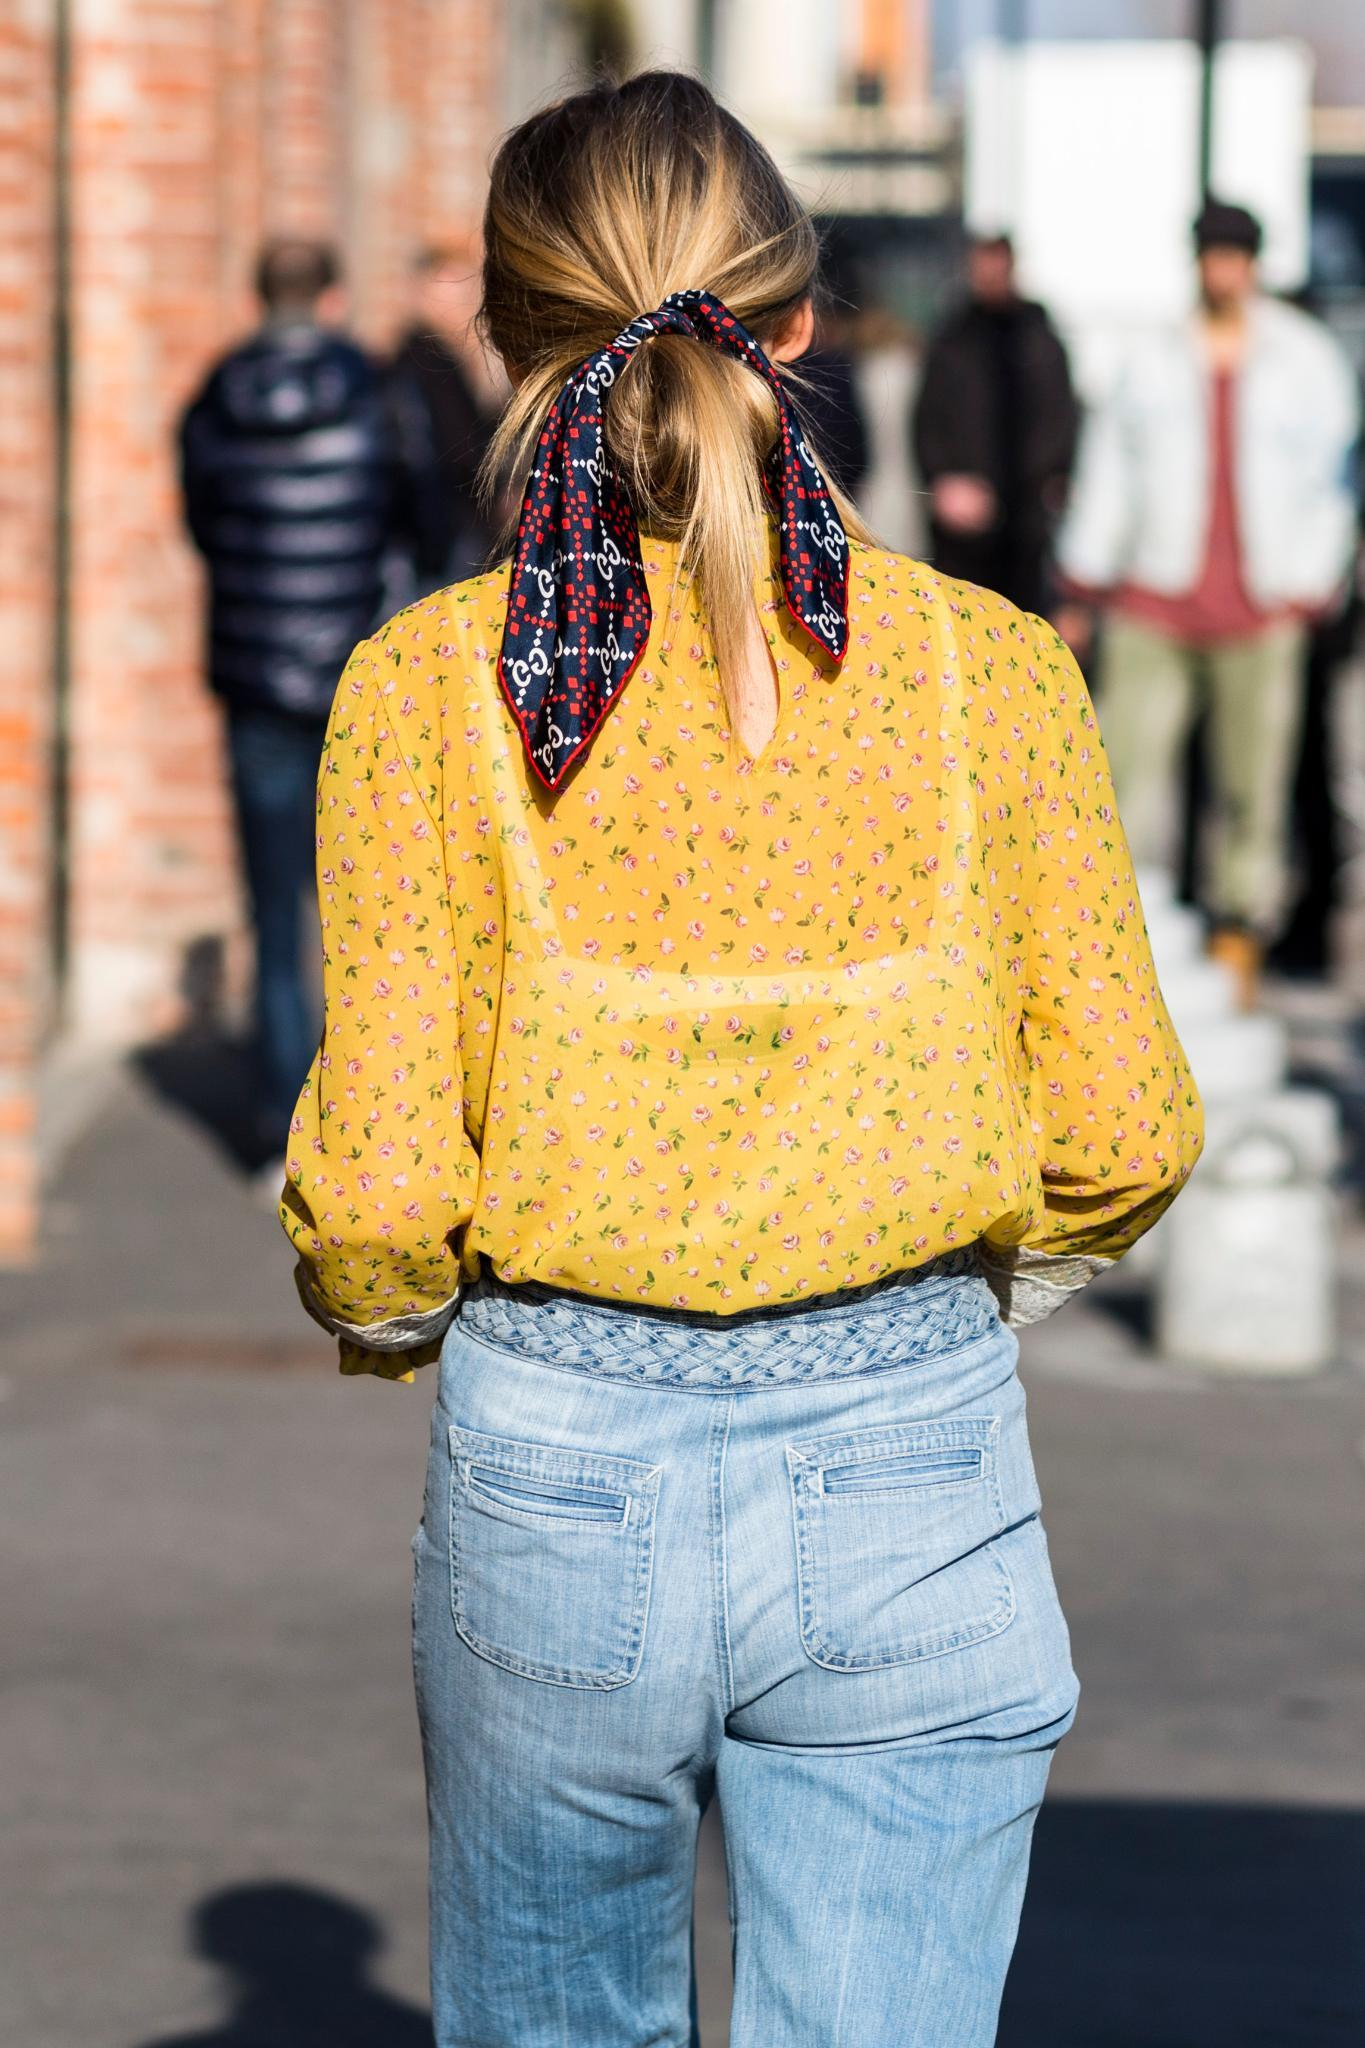 Milan Fashion Week Street Style: